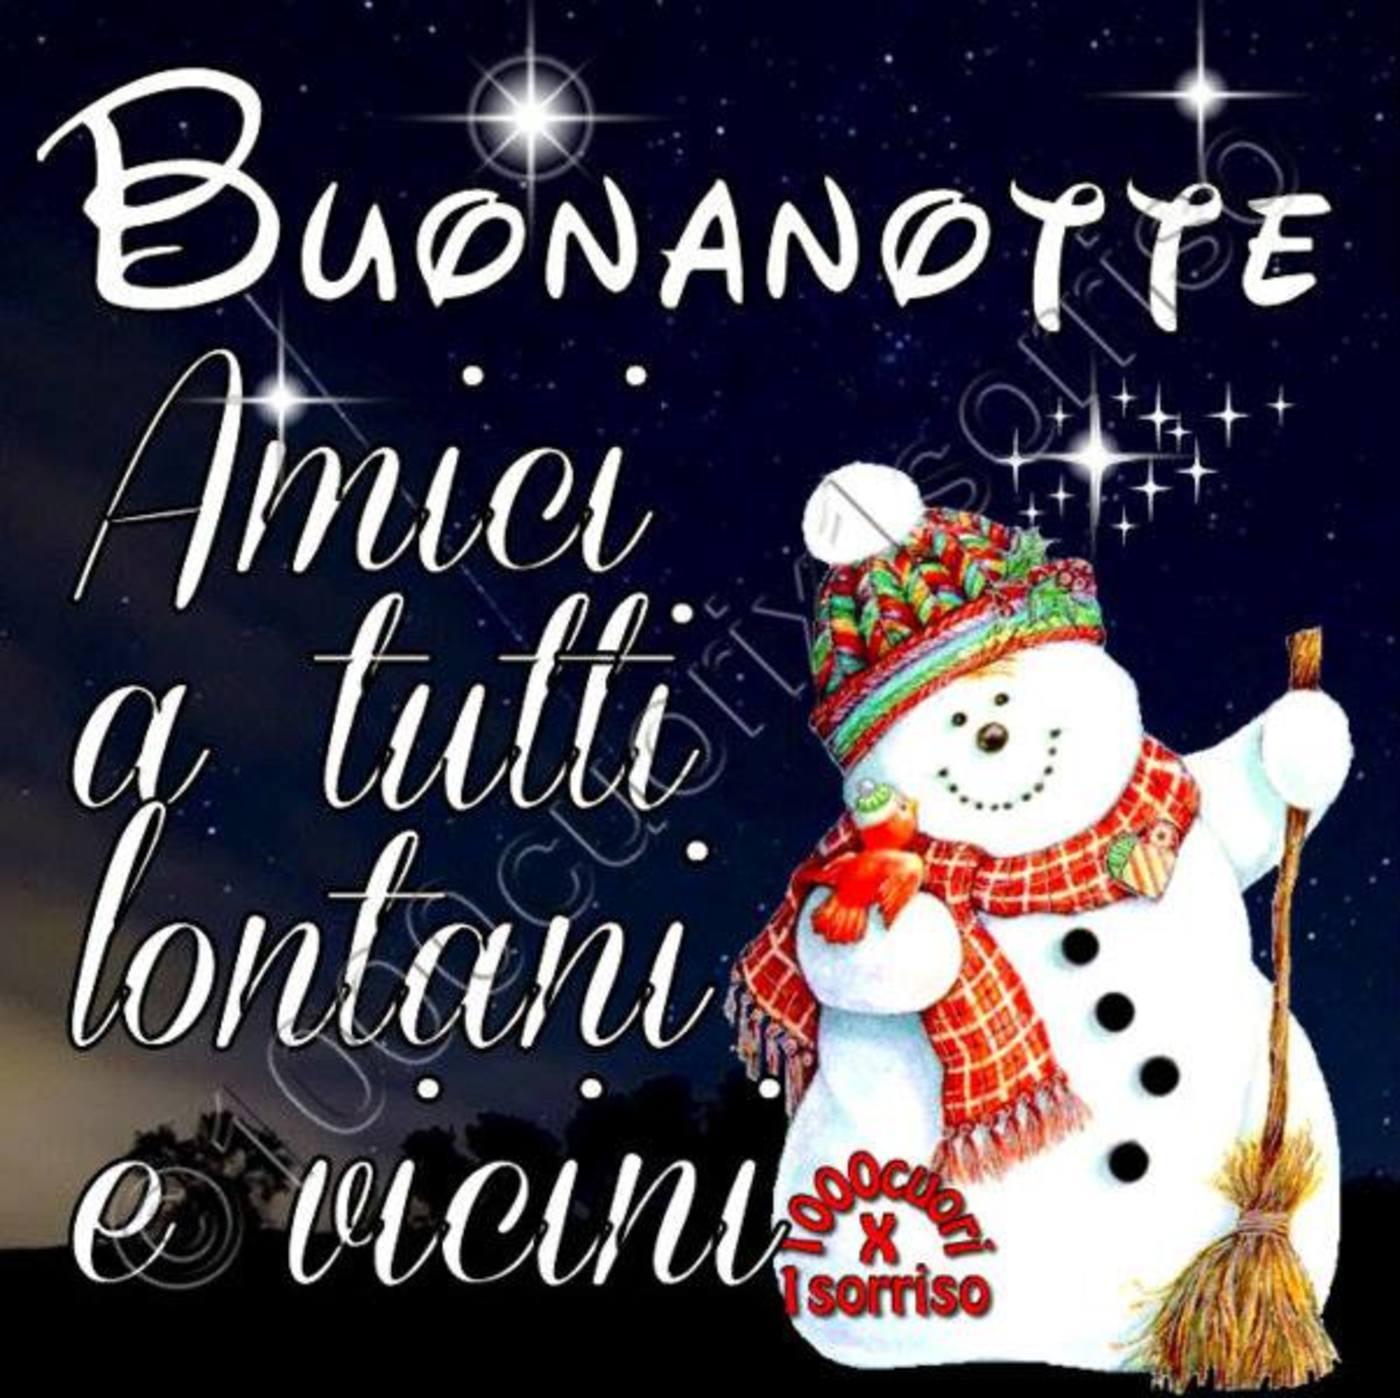 Immagini Buonanotte Natalizie.Buonanotte Natale Buongiornissimocaffe It